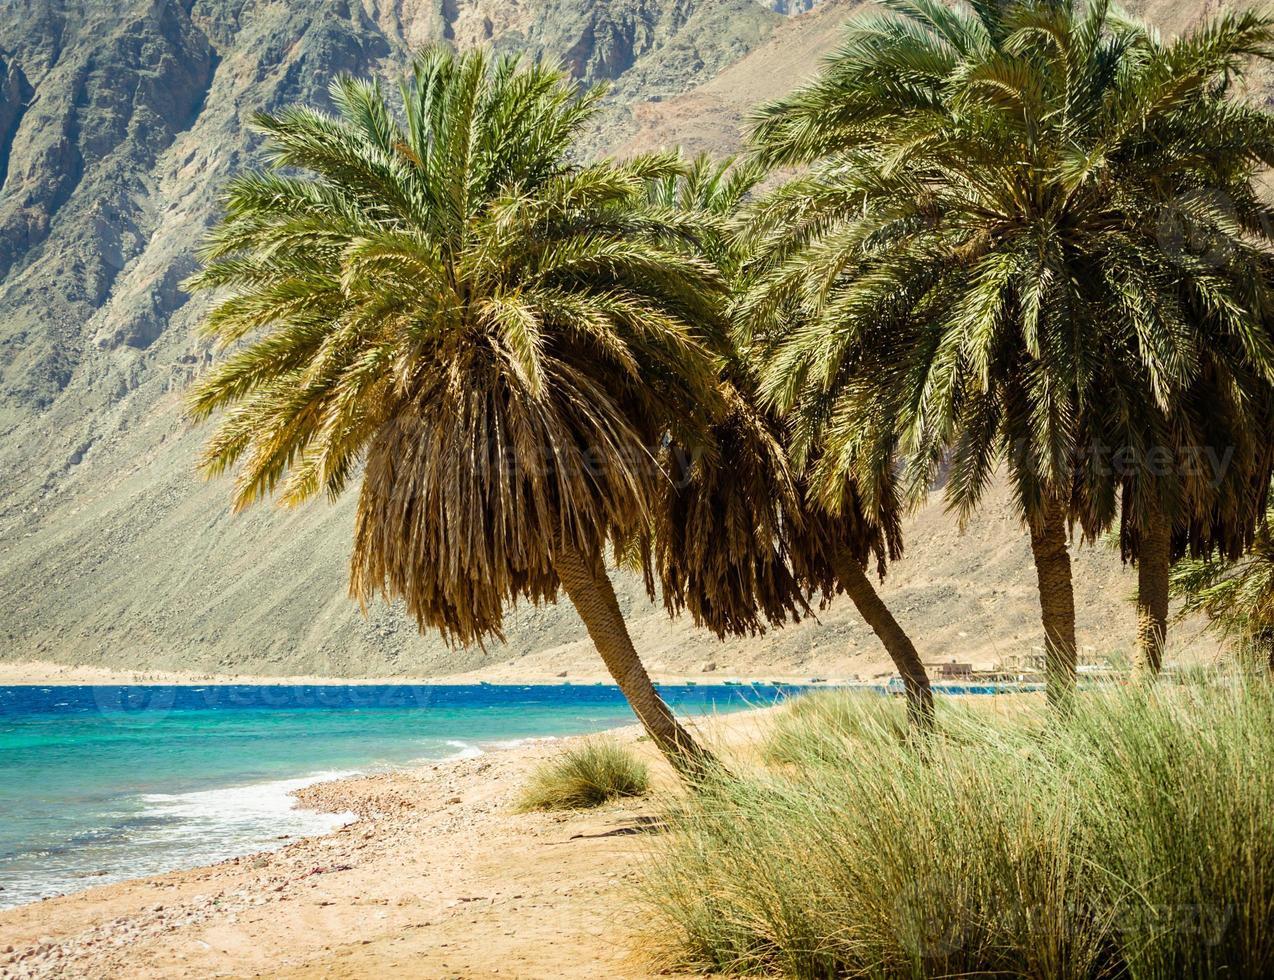 tropischer Strand am Roten Meer foto